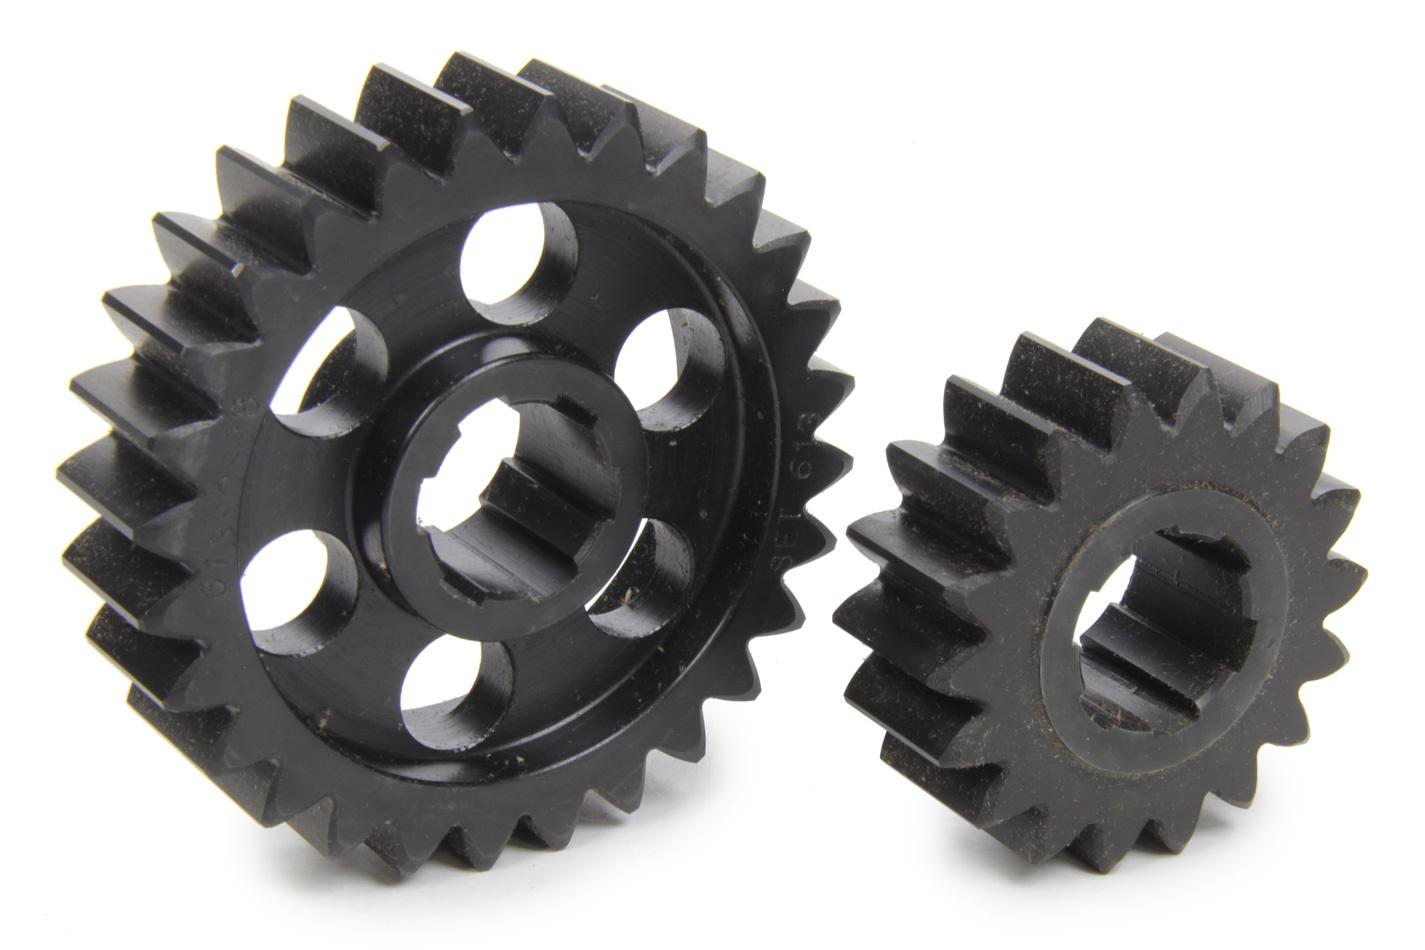 SCS Gears 613 Quick Change Gear Set, Professional, Set 613, 6 Spline, 4.11 Ratio 2.64 / 6.39, 4.33 Ratio 2.78 / 6.74, Steel, Each